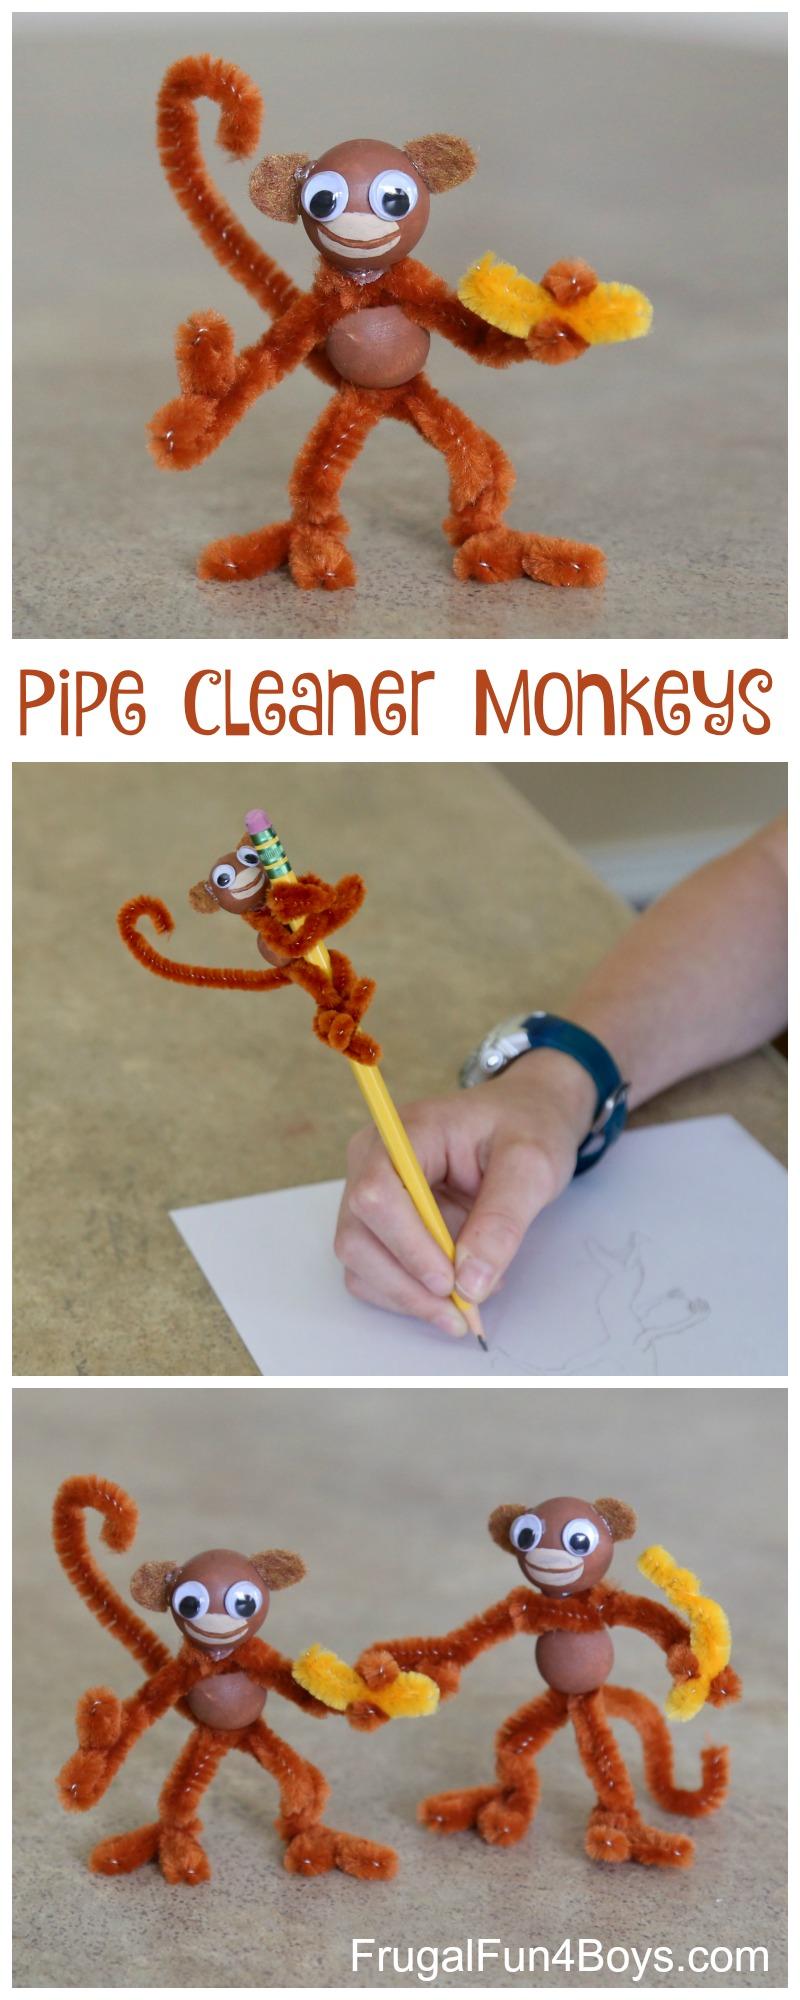 Kids Craft Pipe Cleaner Monkeys on Preschool Chameleon Art